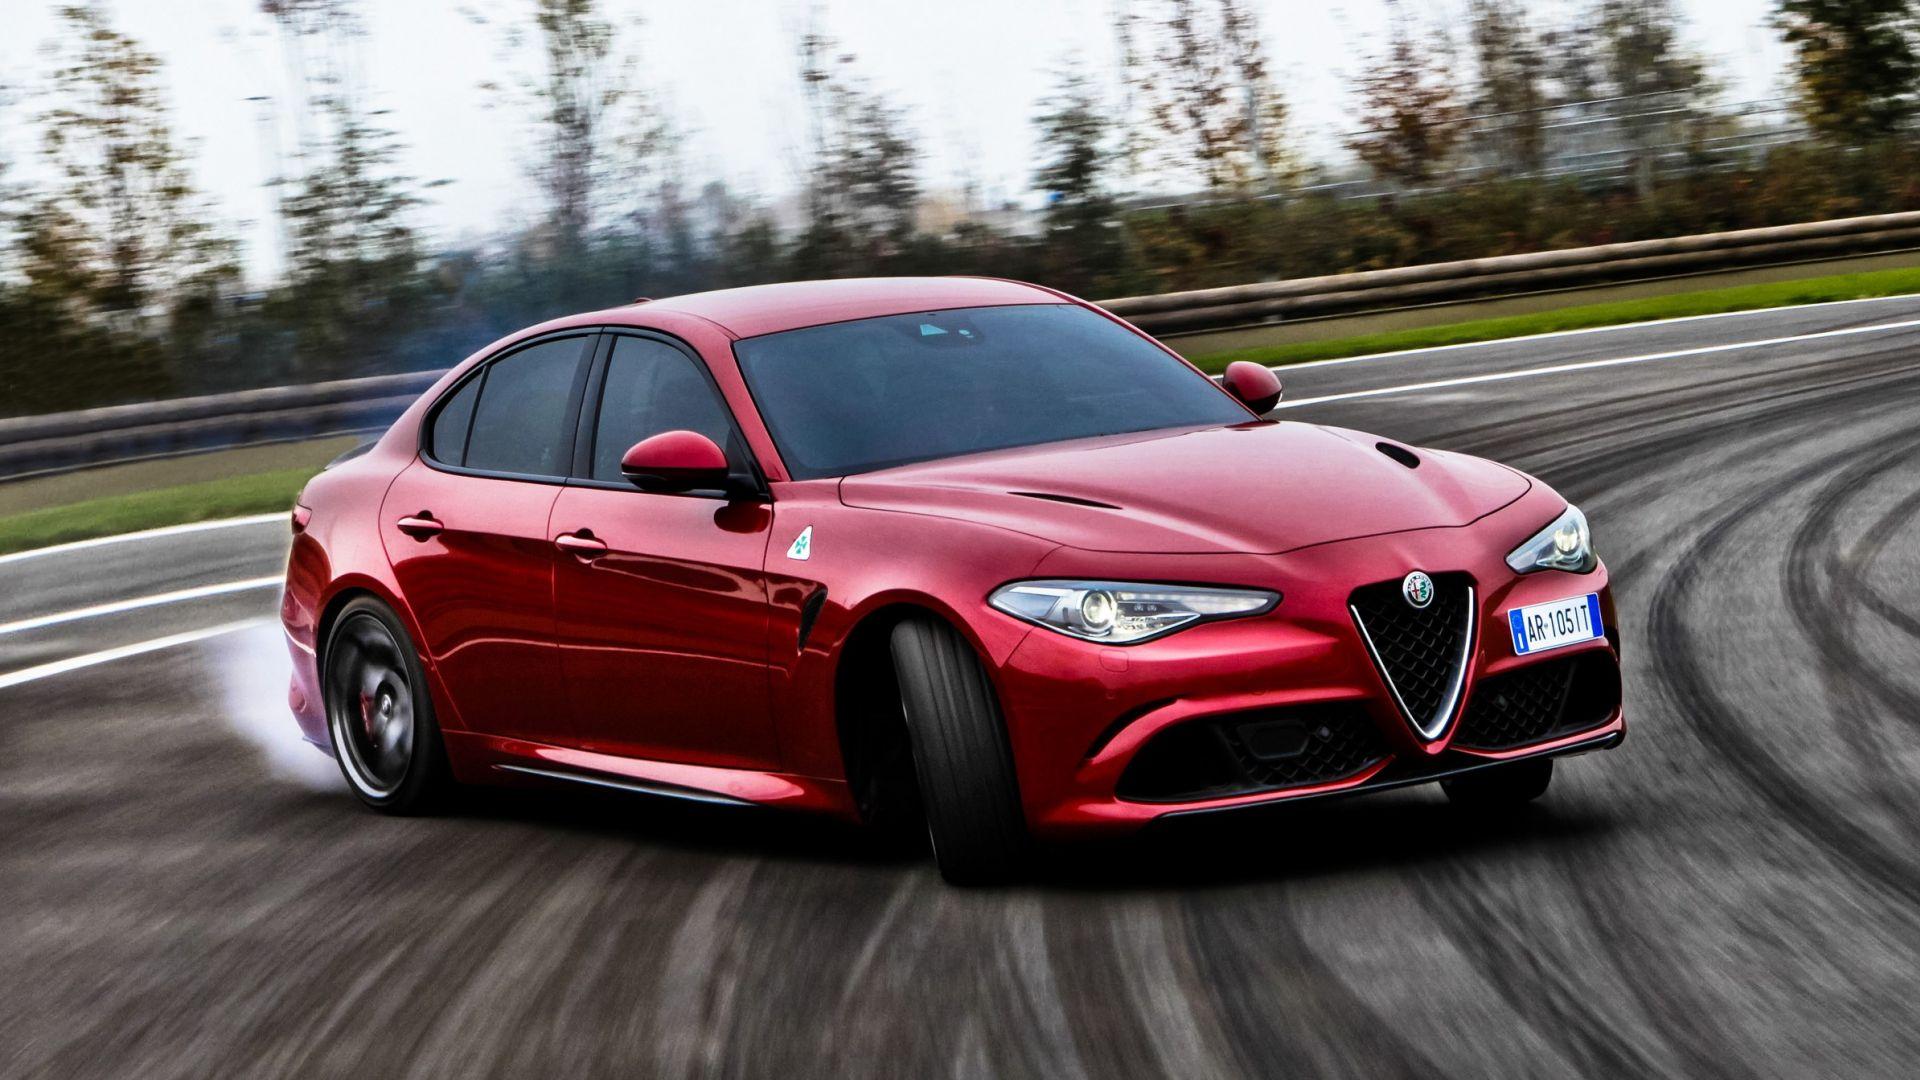 Alfa Romeo Giulia >> Video Prova: Alfa Romeo Giulia Quadrifoglio: test drive in pista - MotorBox